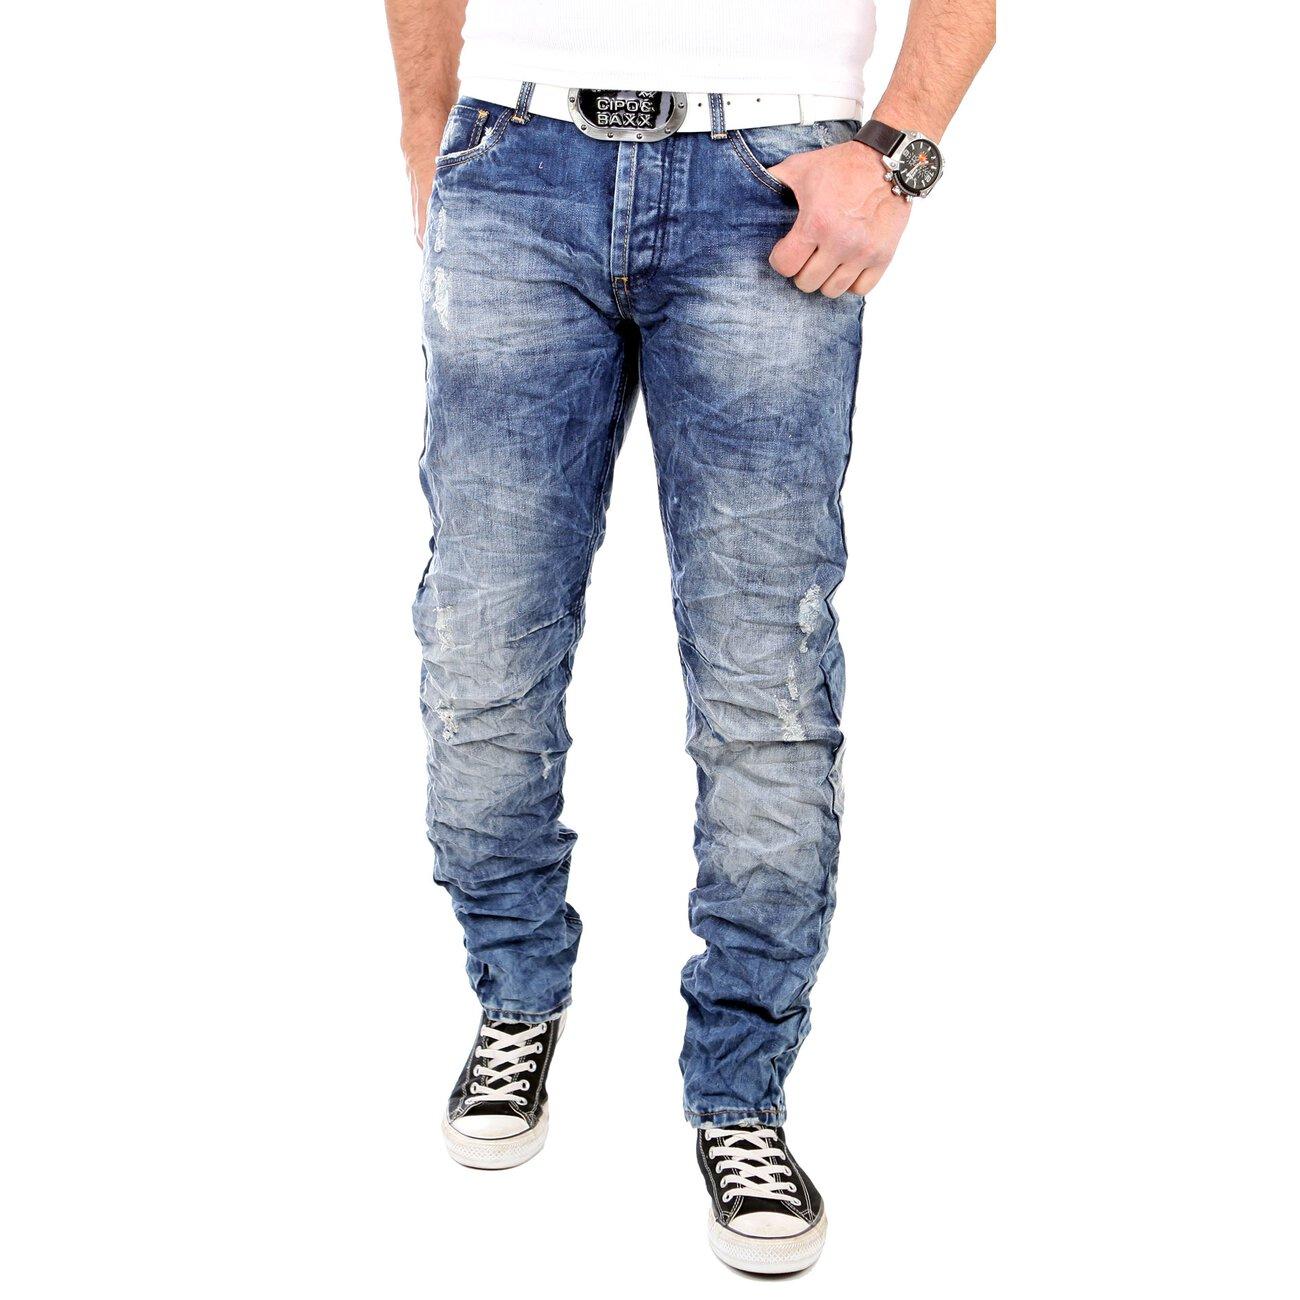 reslad jeans herren slim fit hose destroyed style blau. Black Bedroom Furniture Sets. Home Design Ideas